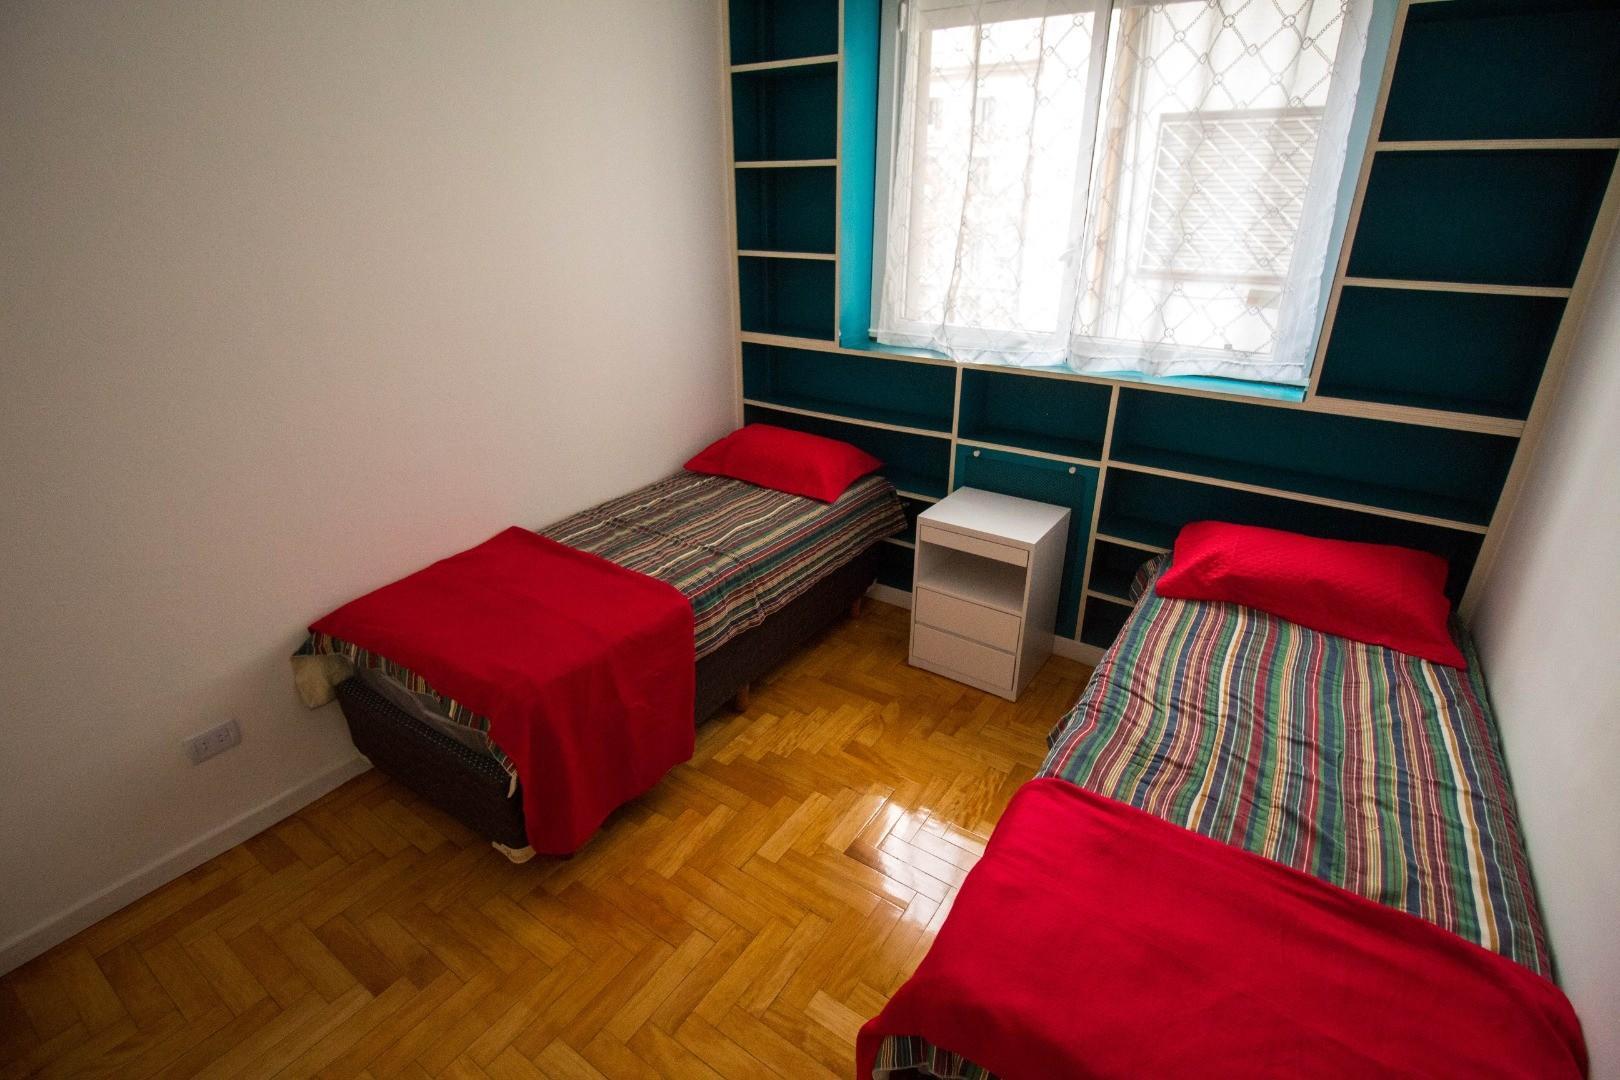 Departamento - 78 m² | 2 dormitorios | 45 años